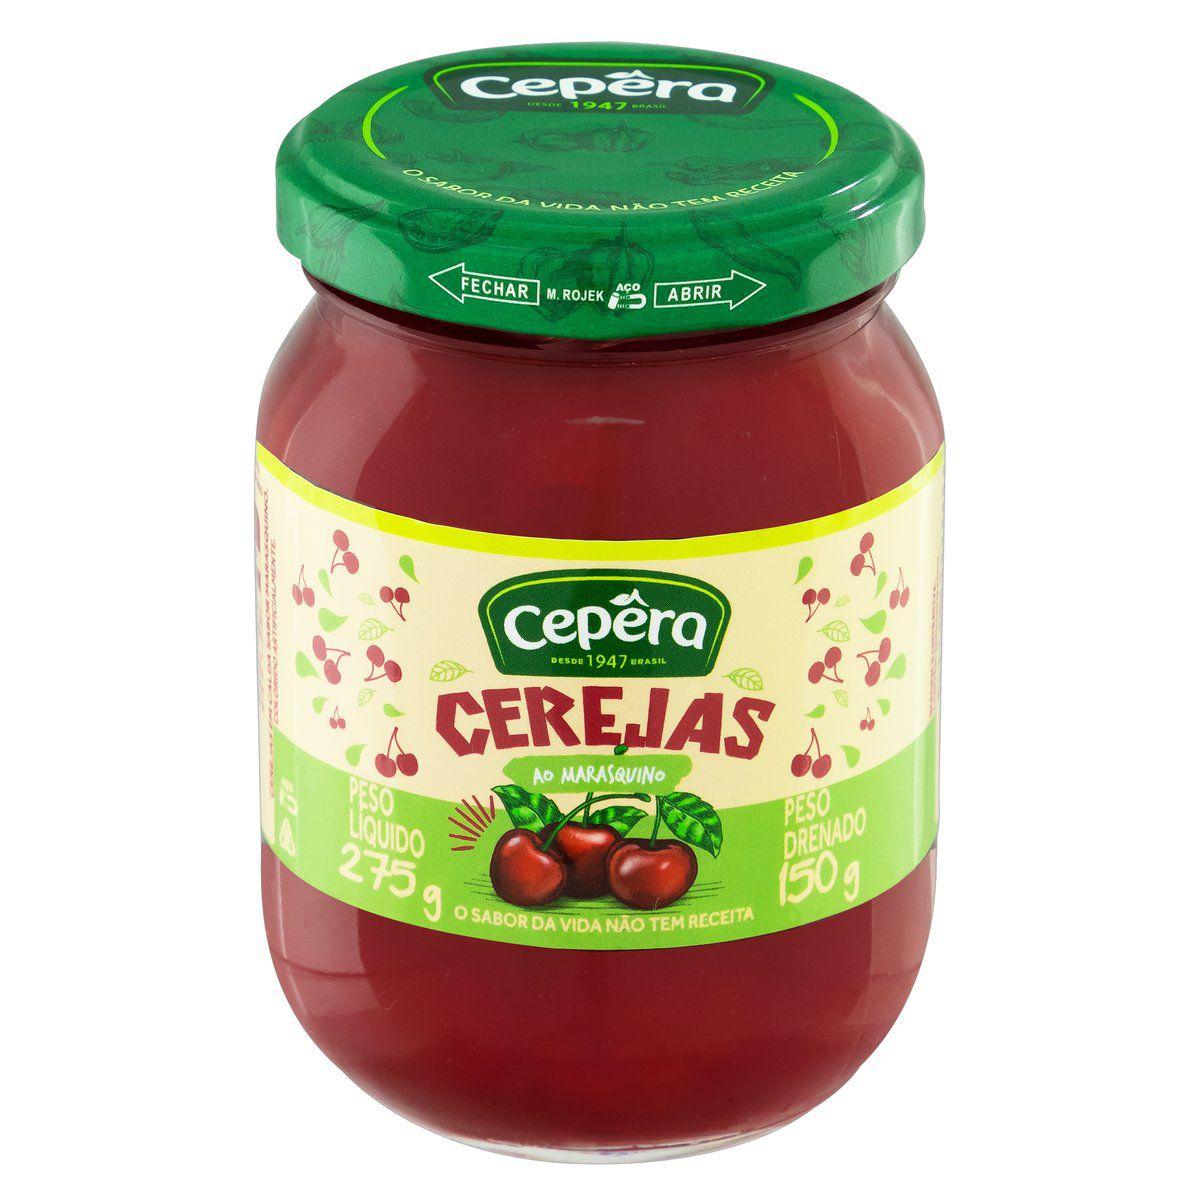 Cereja em Calda Sabor Maraschino 150g